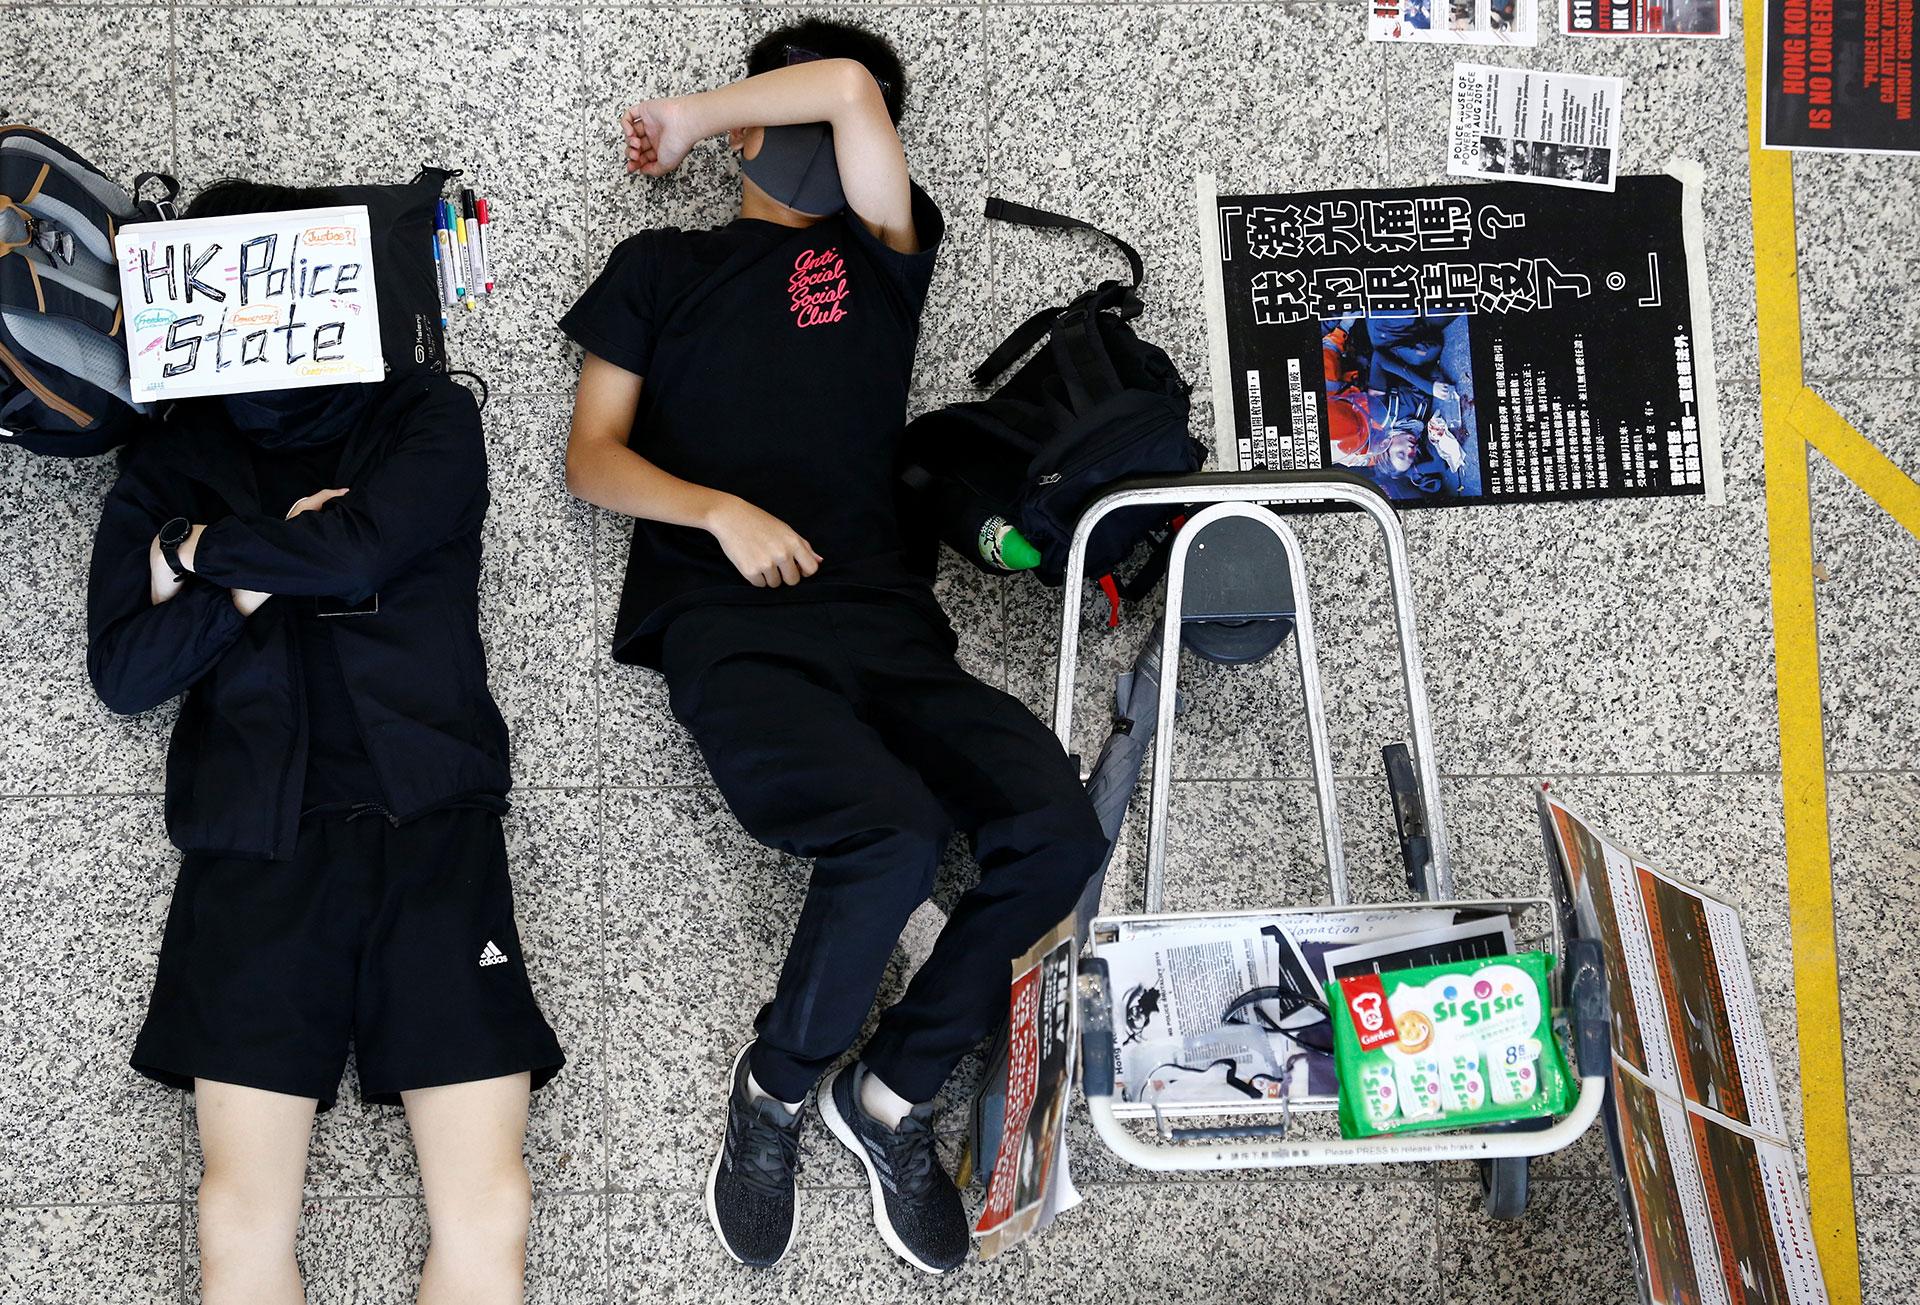 Dos jóvenes manifestantes antigubernamentales duermen en el suelo del aeropuerto de Hong Kong (REUTERS/Thomas Peter)